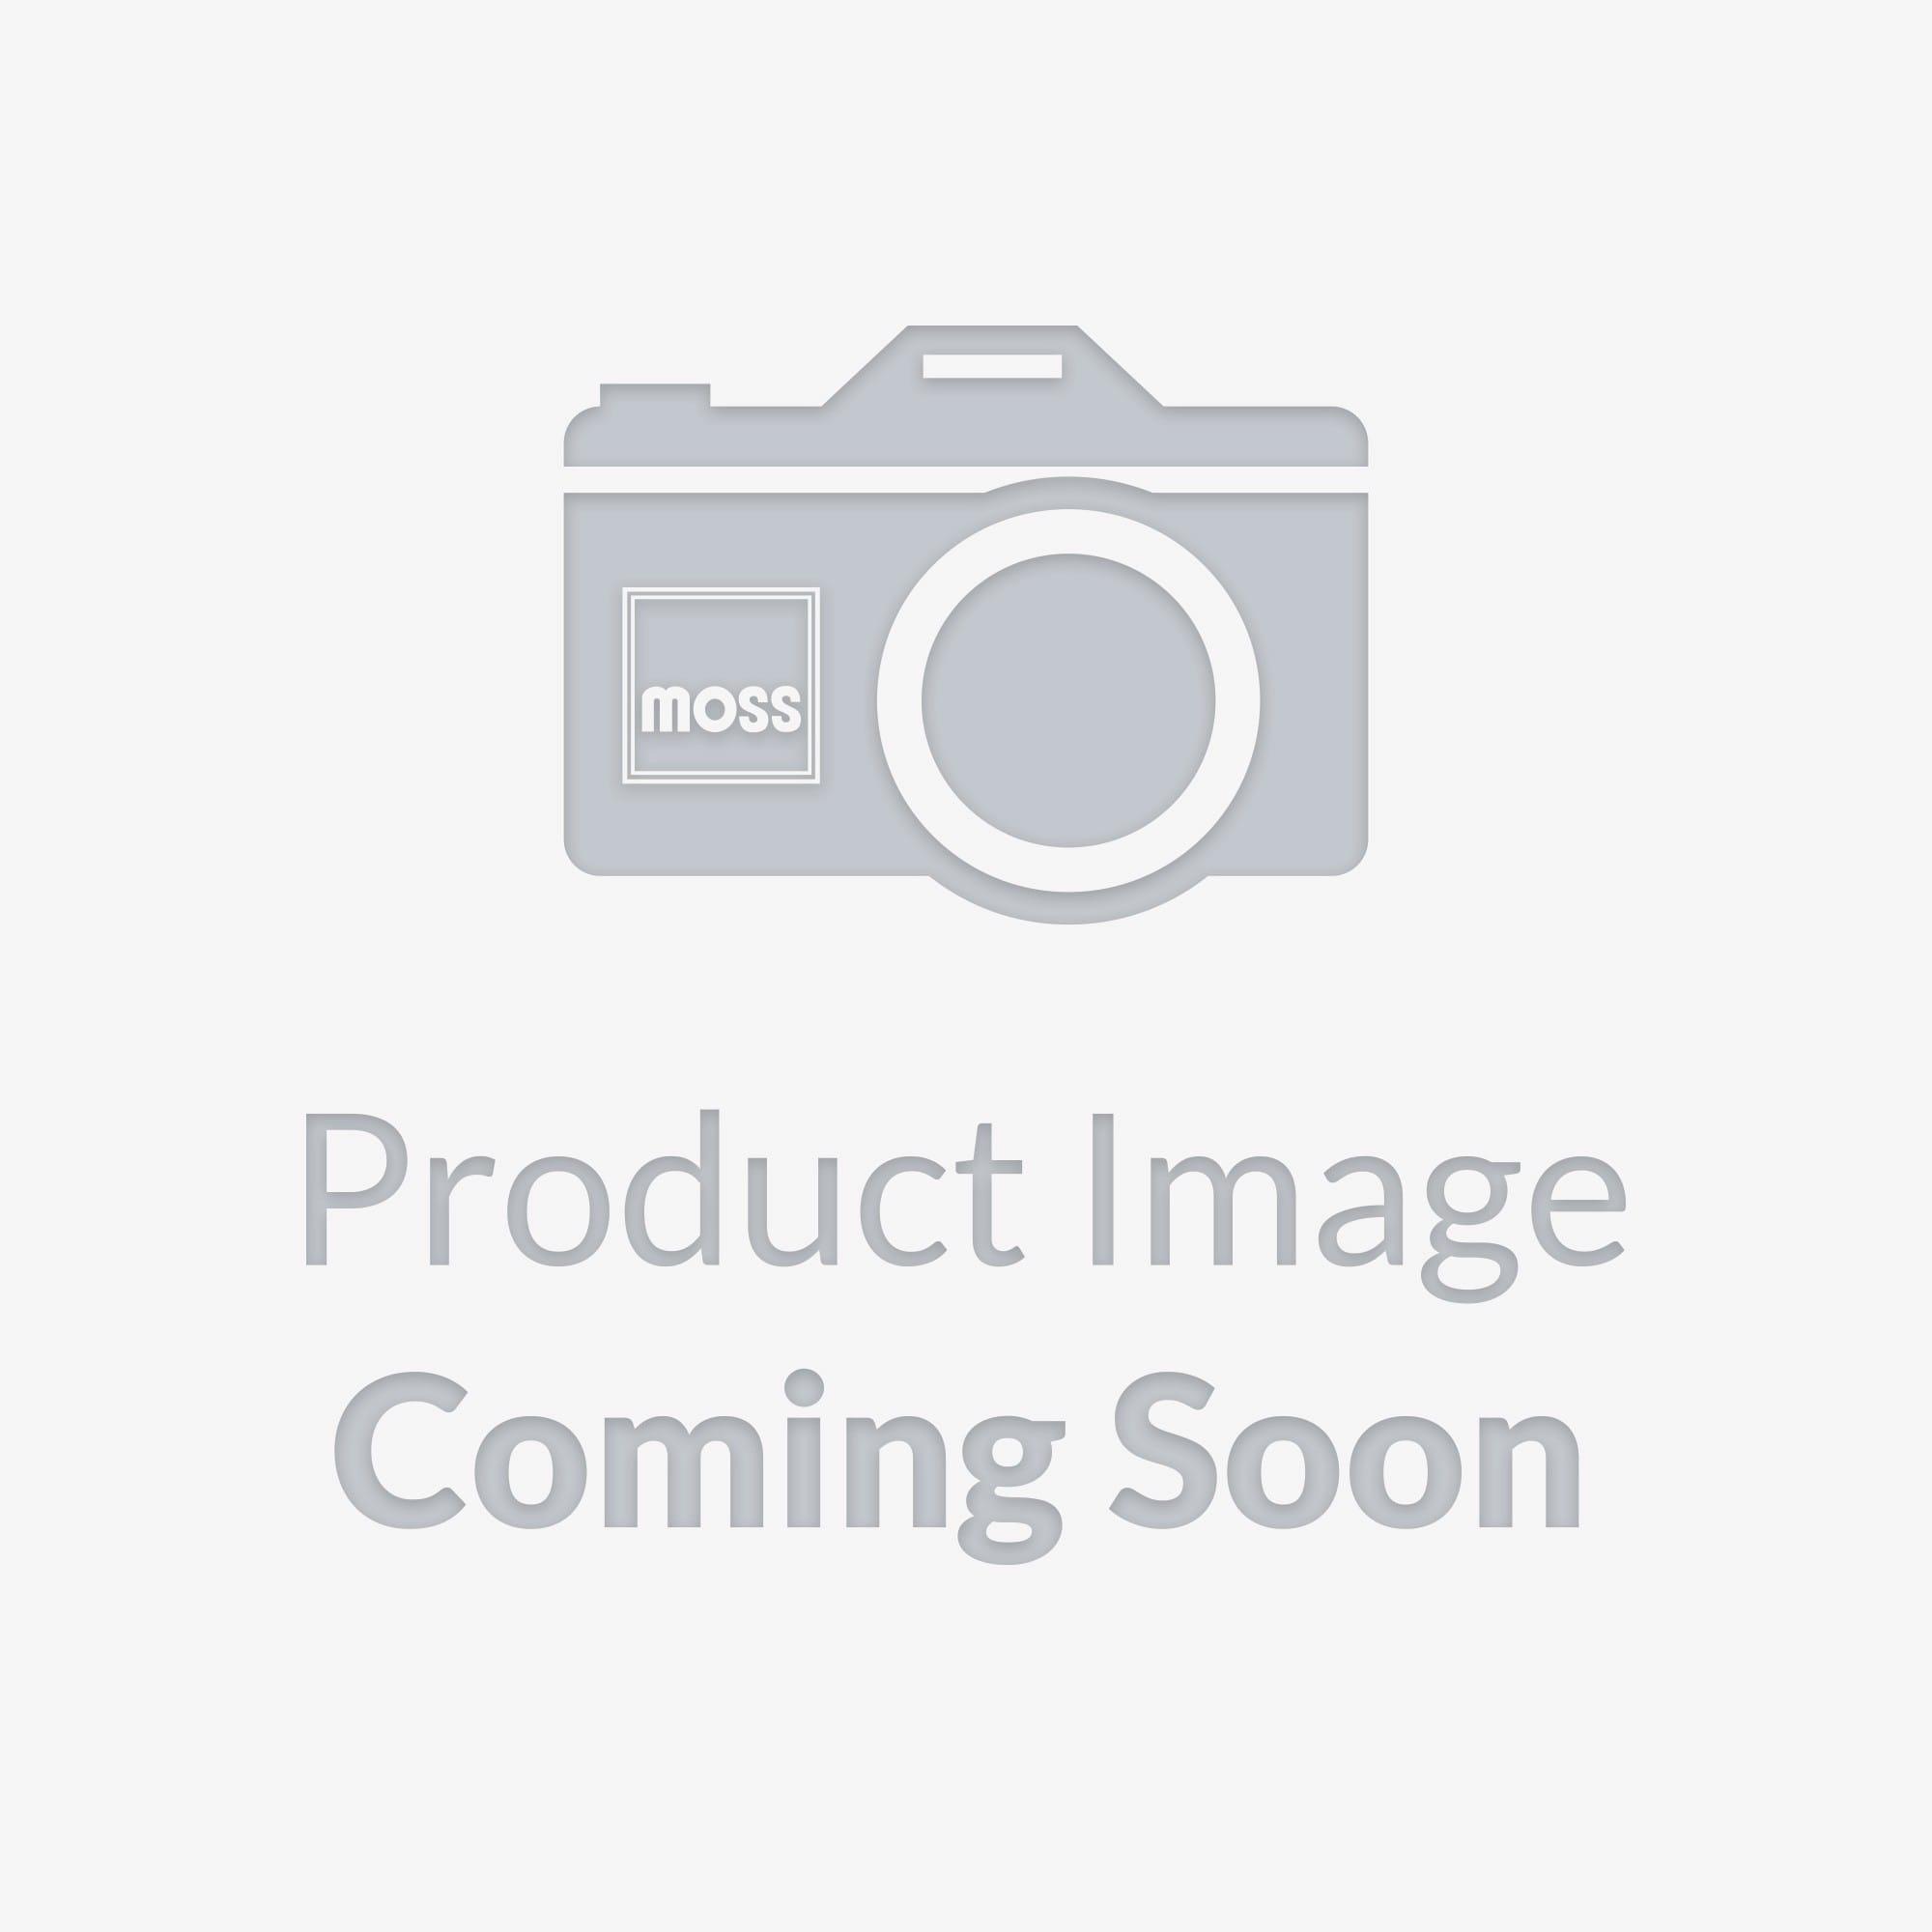 hylomar m acetone solvent gasket sealant fluids chemicals car care garage tools. Black Bedroom Furniture Sets. Home Design Ideas